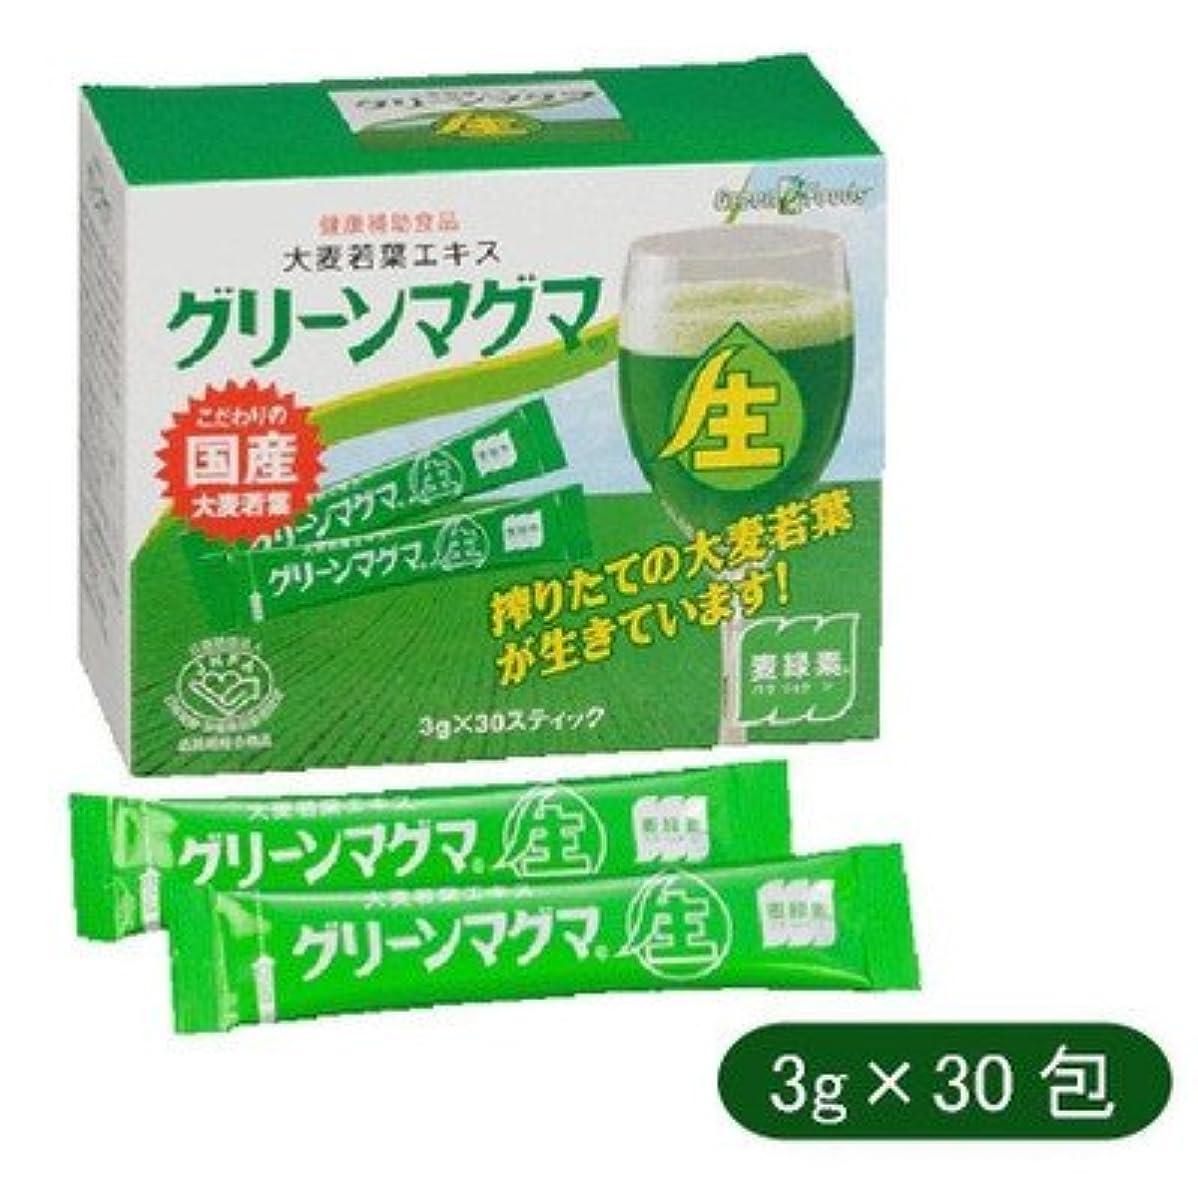 ガス複雑な官僚日本薬品開発 大麦若葉エキス グリーンマグマ 3g×30包 642670